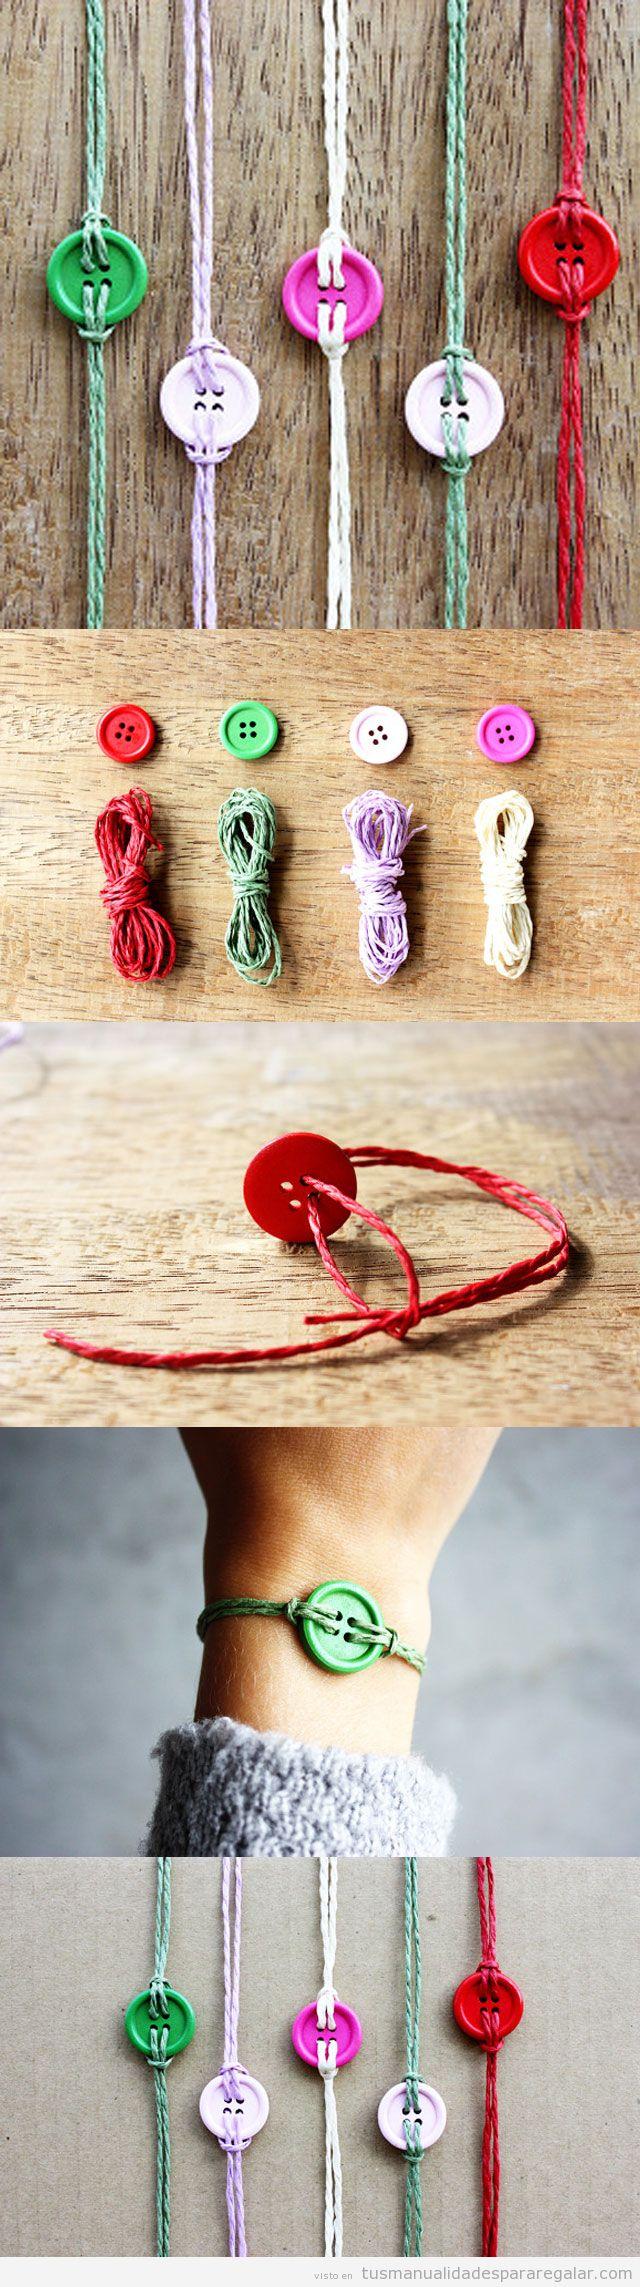 Regalos hechos a mano, pulsera de cuerdas y botones DIY